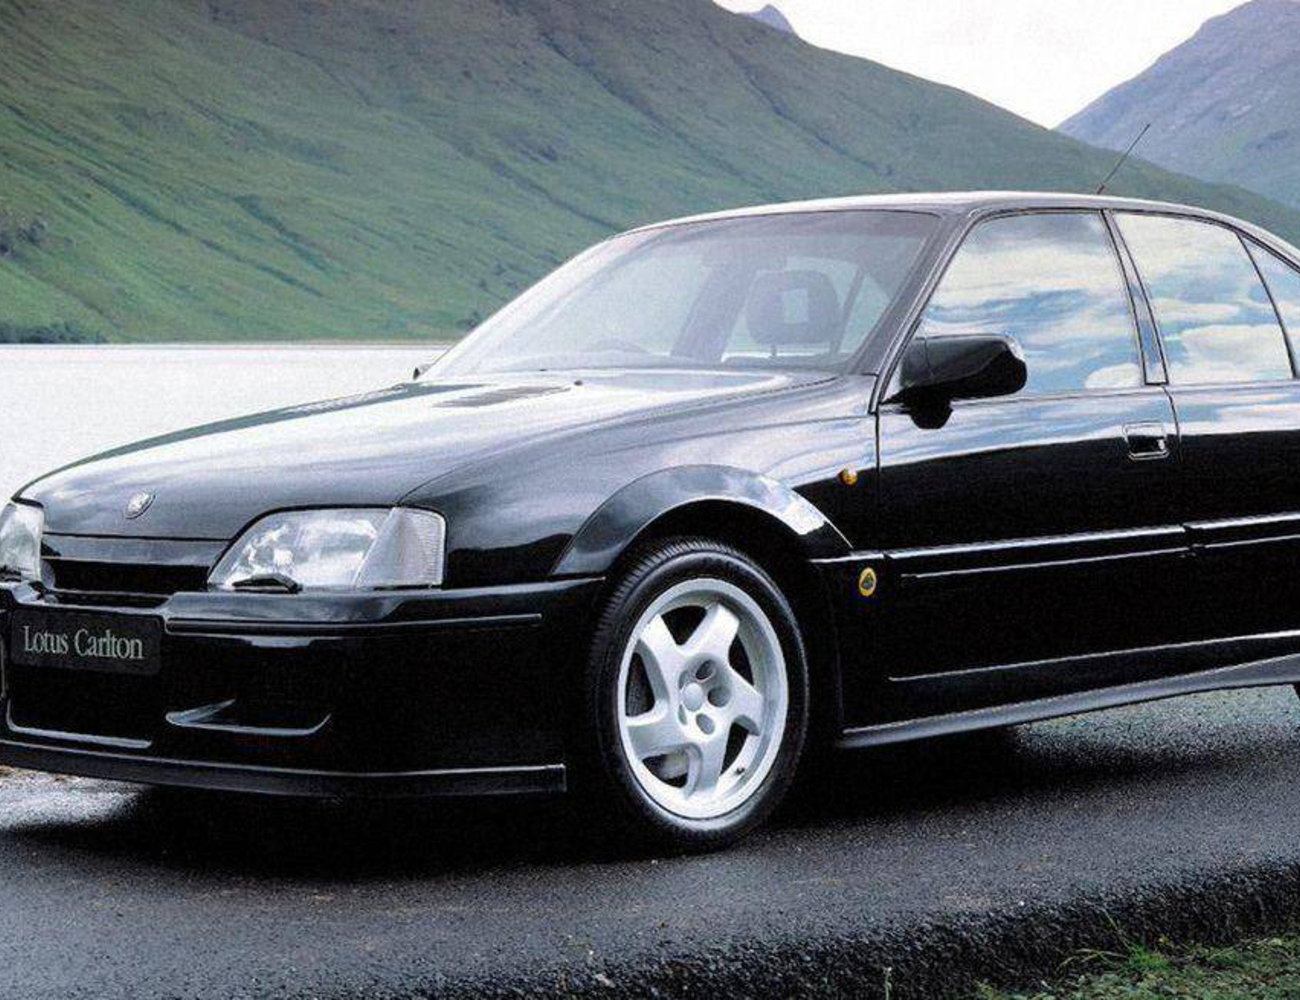 Ismeretlen erős autók, amelyek átlagos modellekből készültek